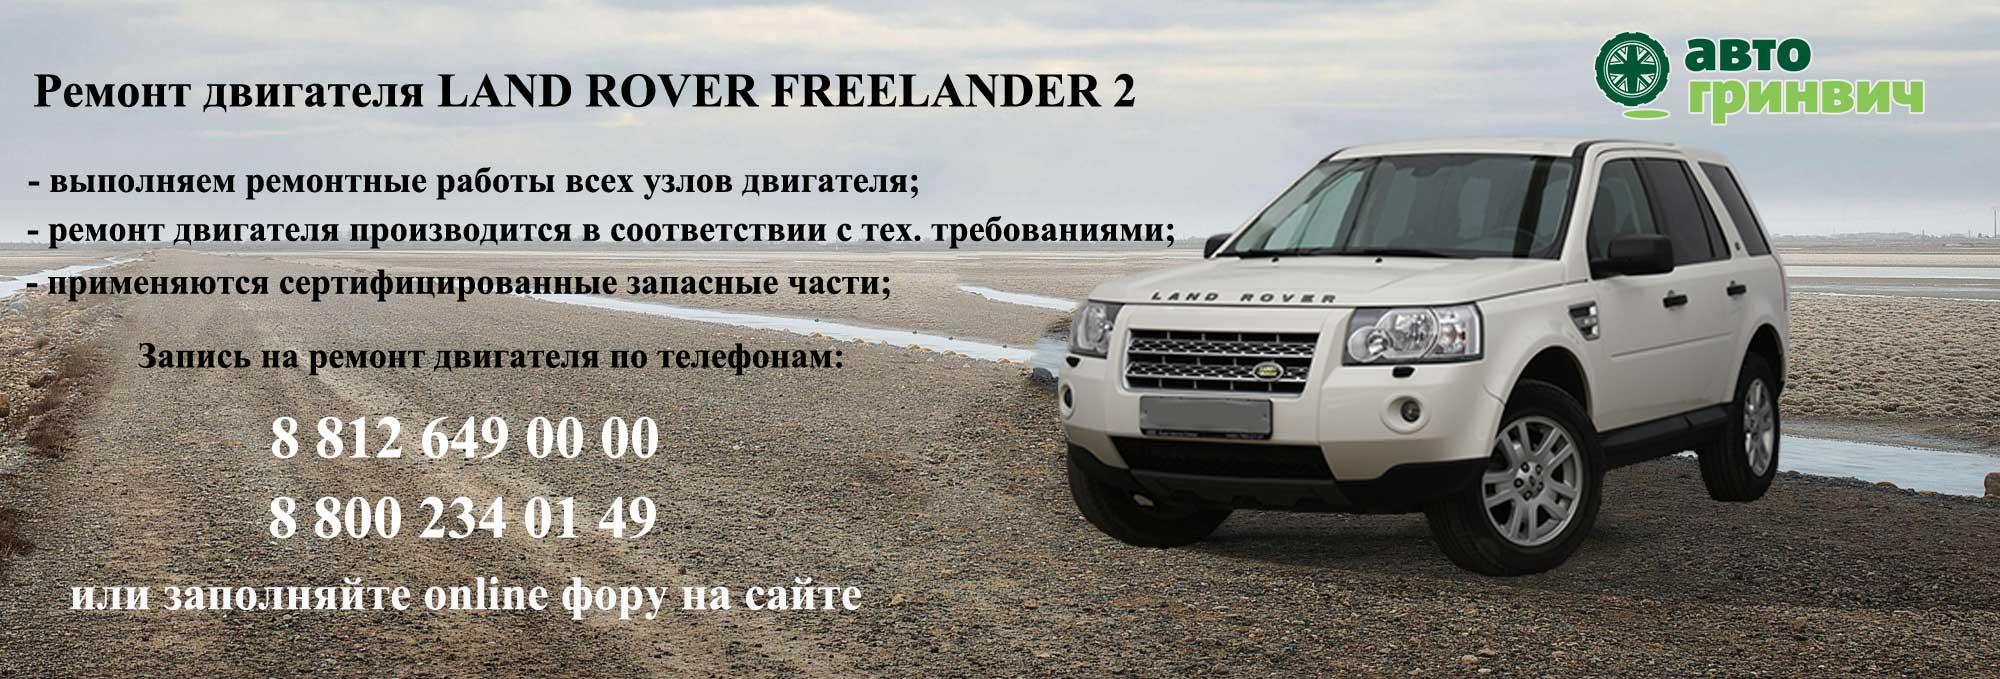 Ремонт двигателя FREELANDER 2